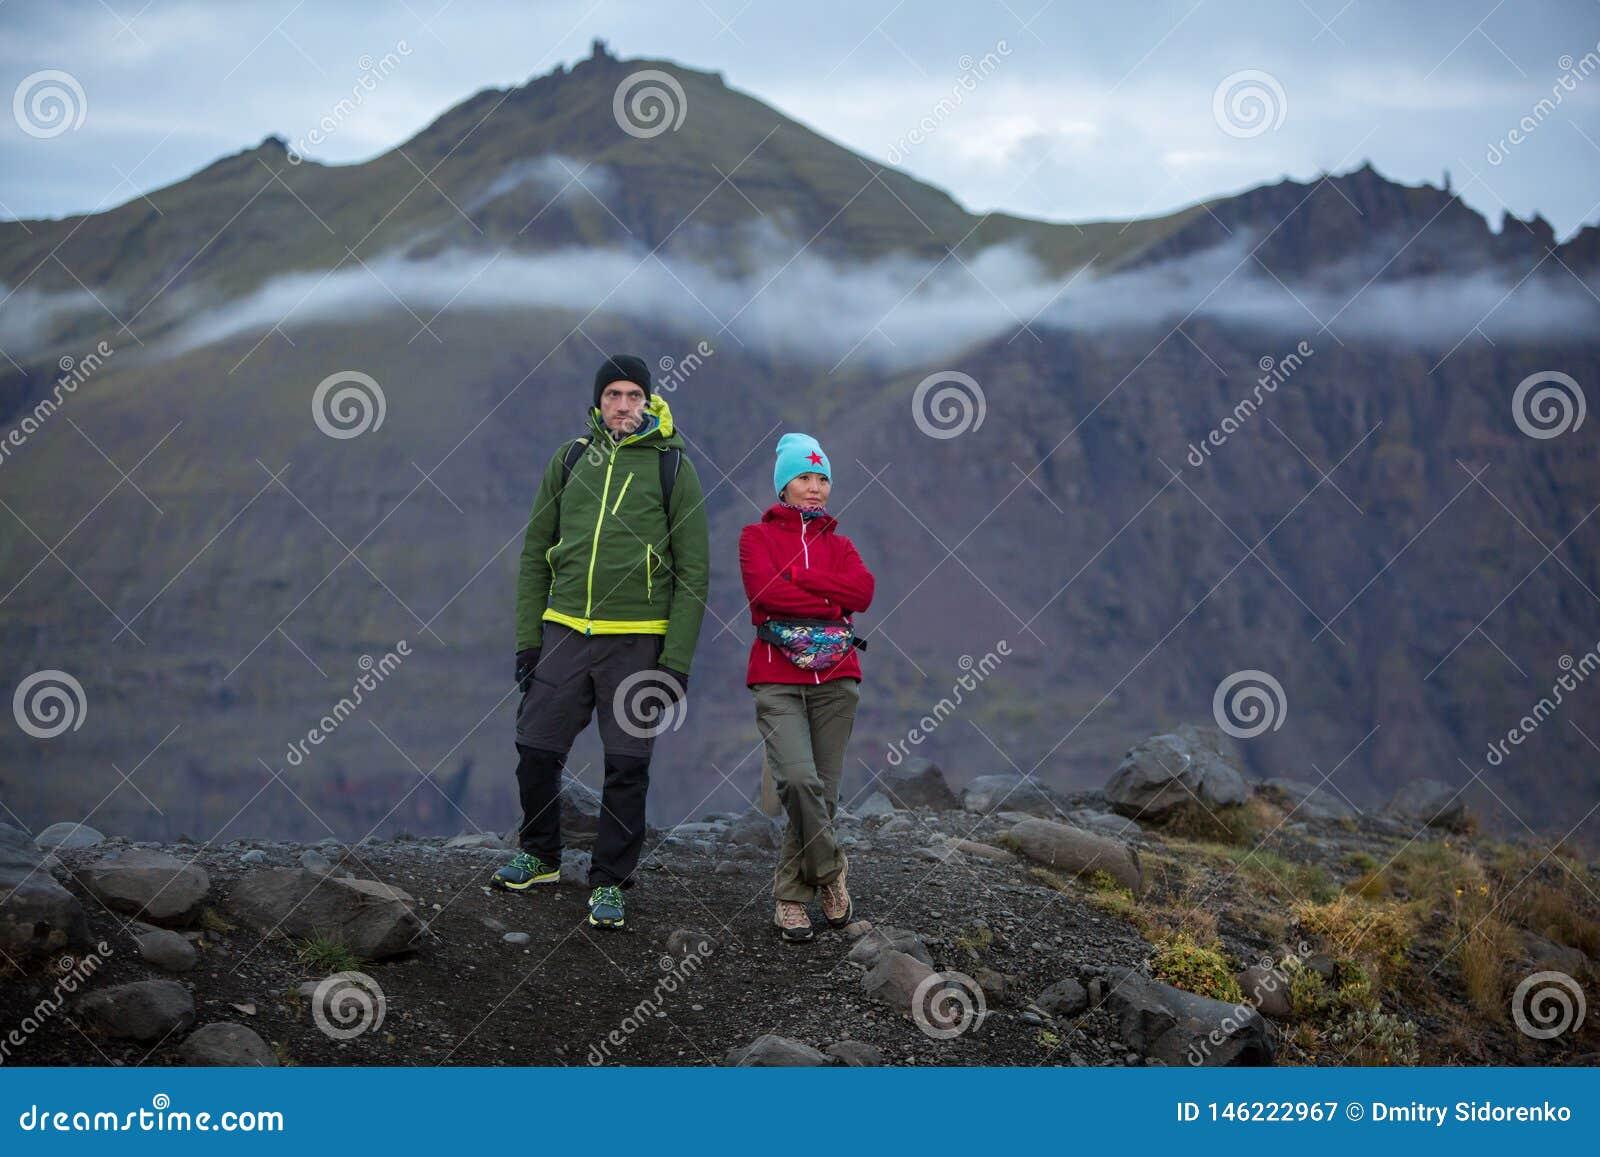 Dois turistas, um homem e uma mulher estão estando em um monte na perspectiva das montanhas vulcânicas